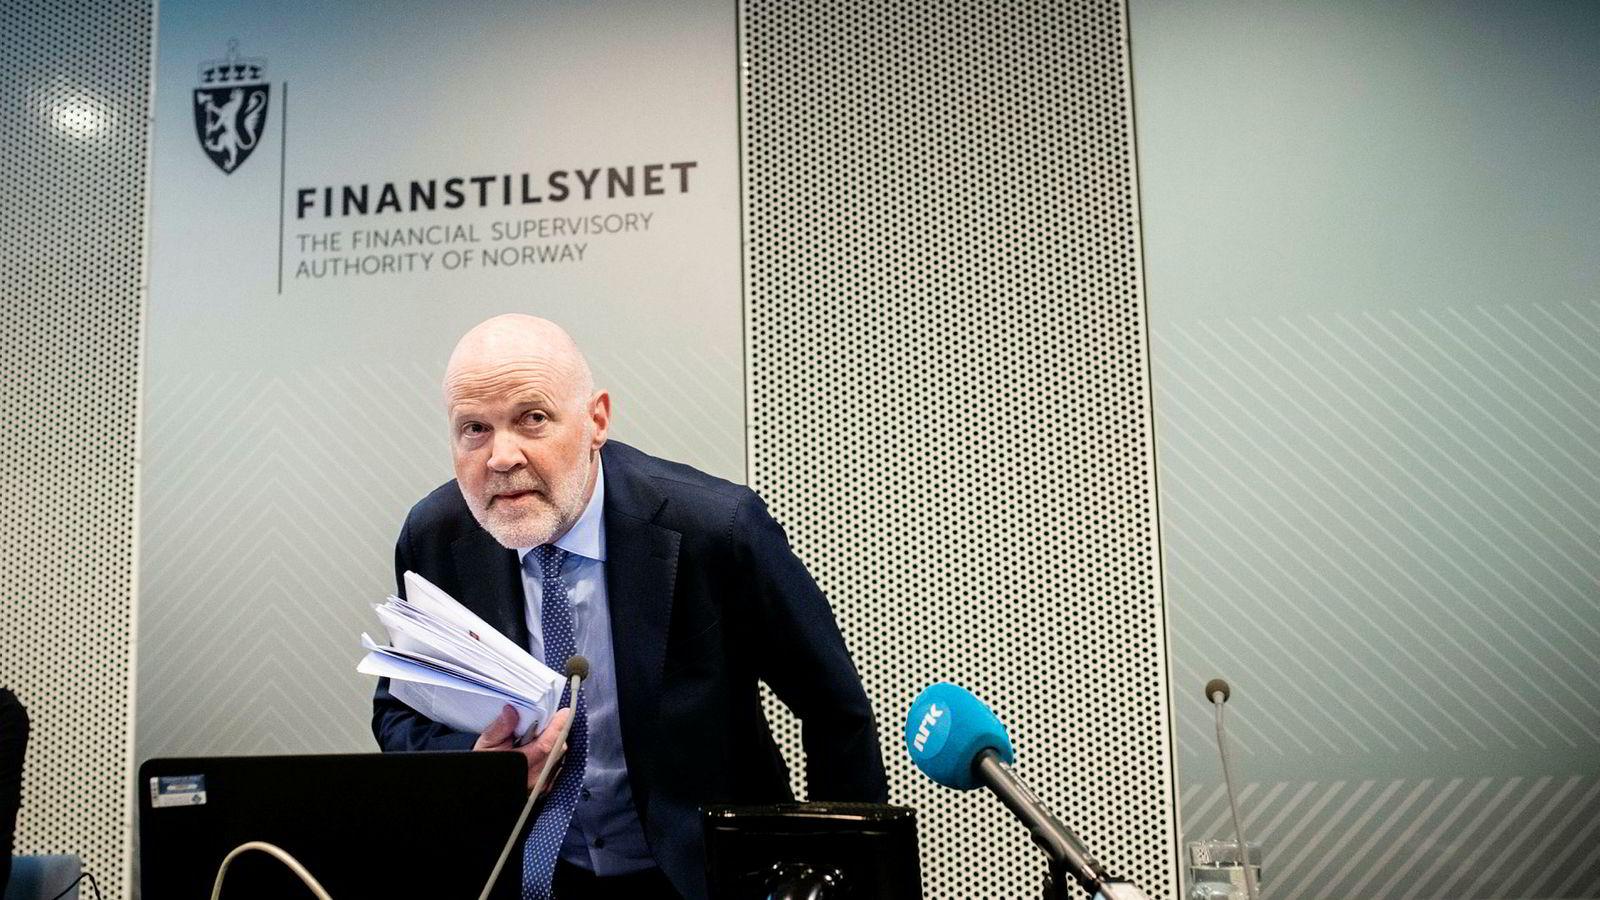 Finanstilsynet, med Morten Baltzersen i spissen, har fått i oppdrag å følge med på finansinstitusjoners klimarisiko. Foreløpig er det ingen spor av at tilsynet har fulgt det opp.